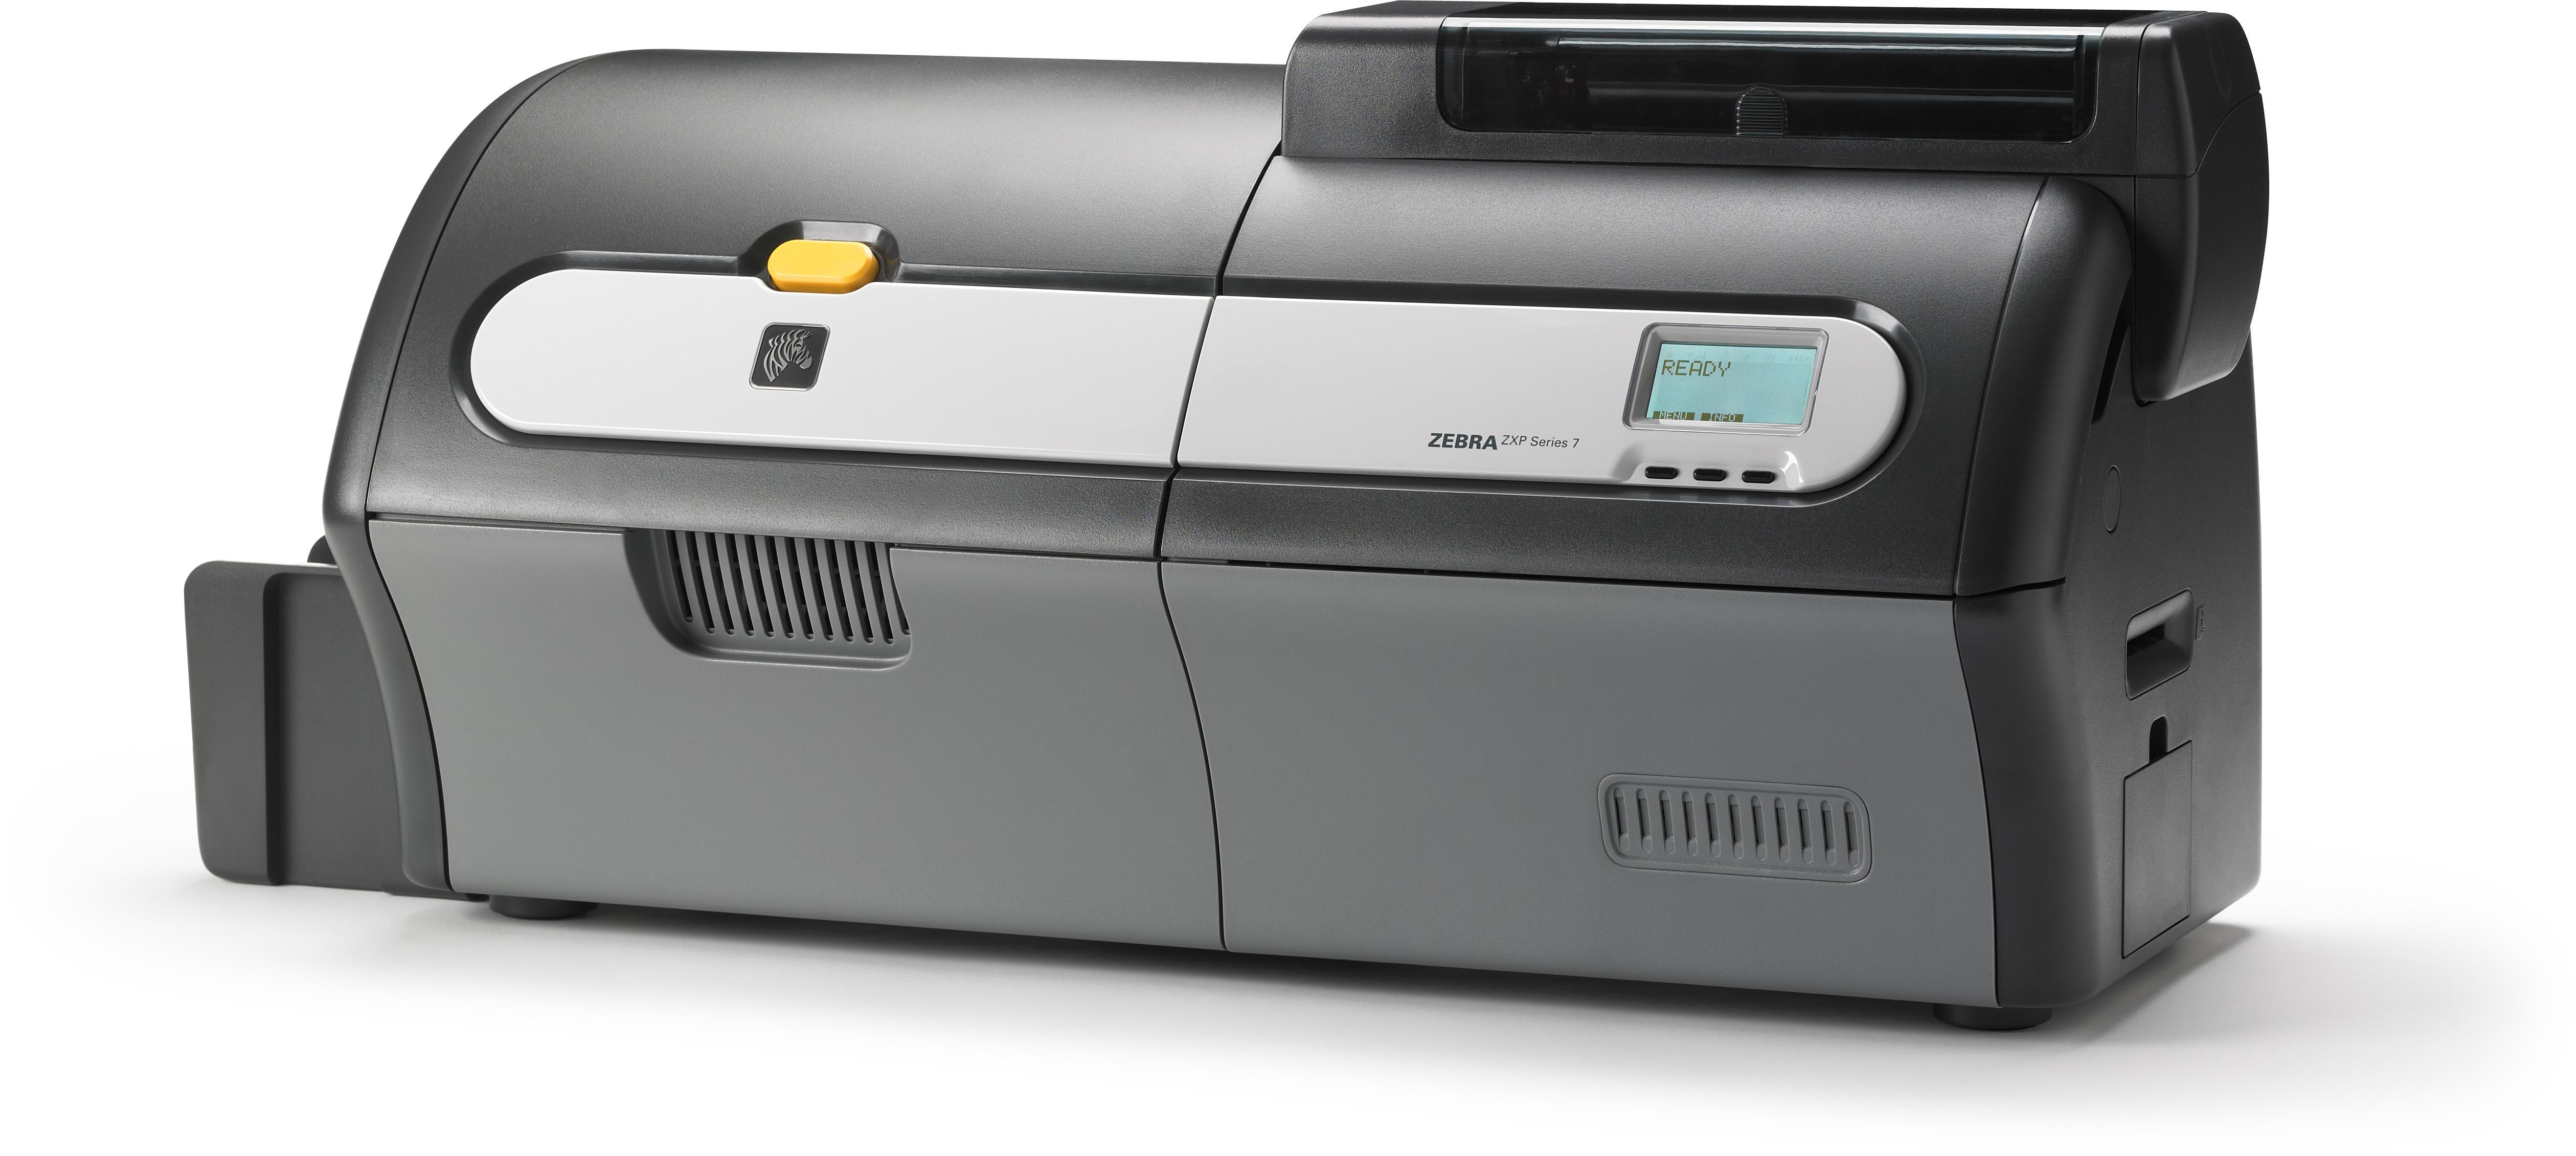 Imprimante cartes et badges ZXP Series 7 ZEBRA